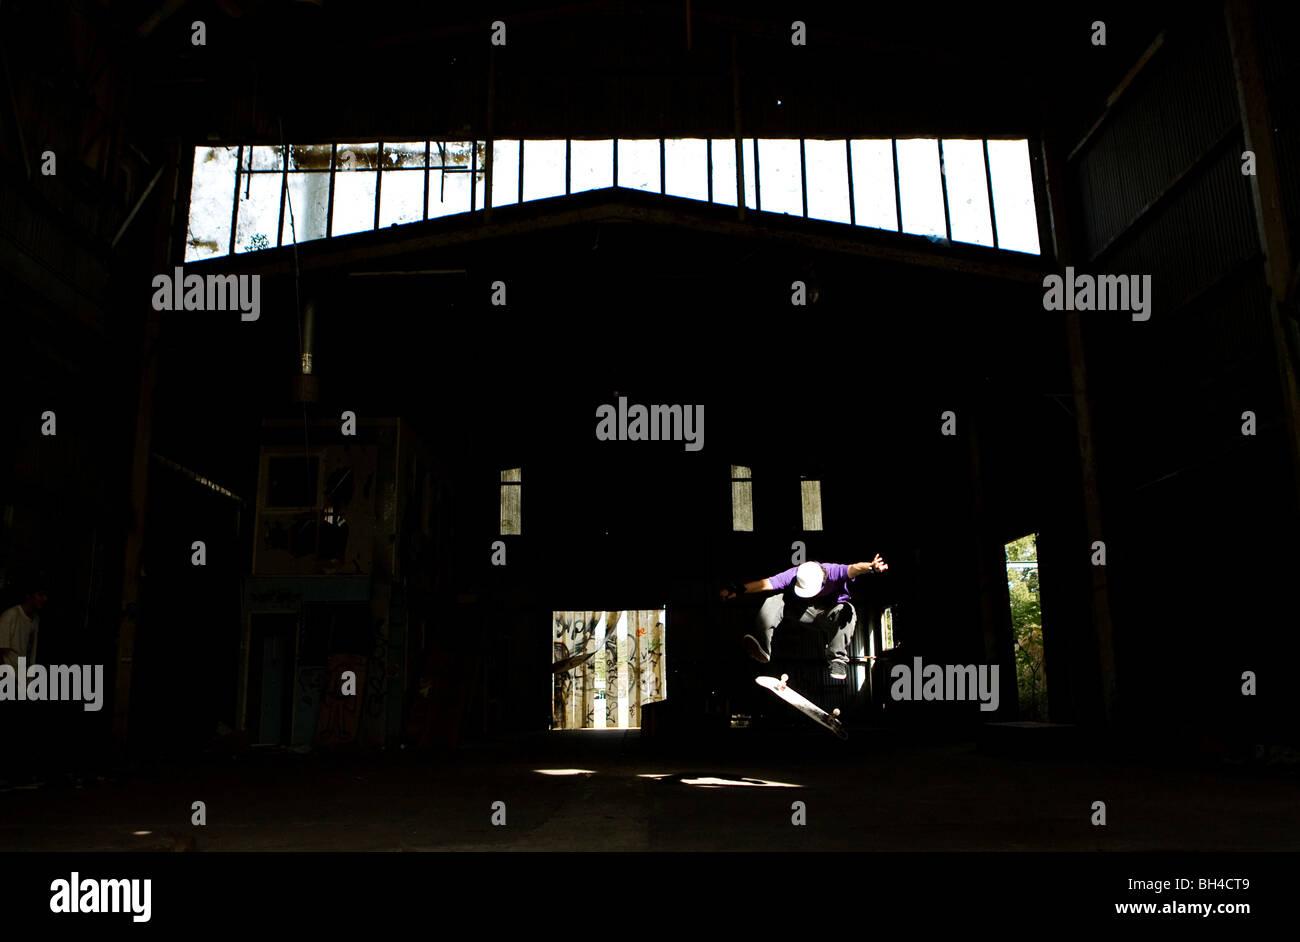 Un pattinatore esegue un kick flip in un magazzino abbandonato sulla costa centrale, Nuovo Galles del Sud, Australia. Immagini Stock